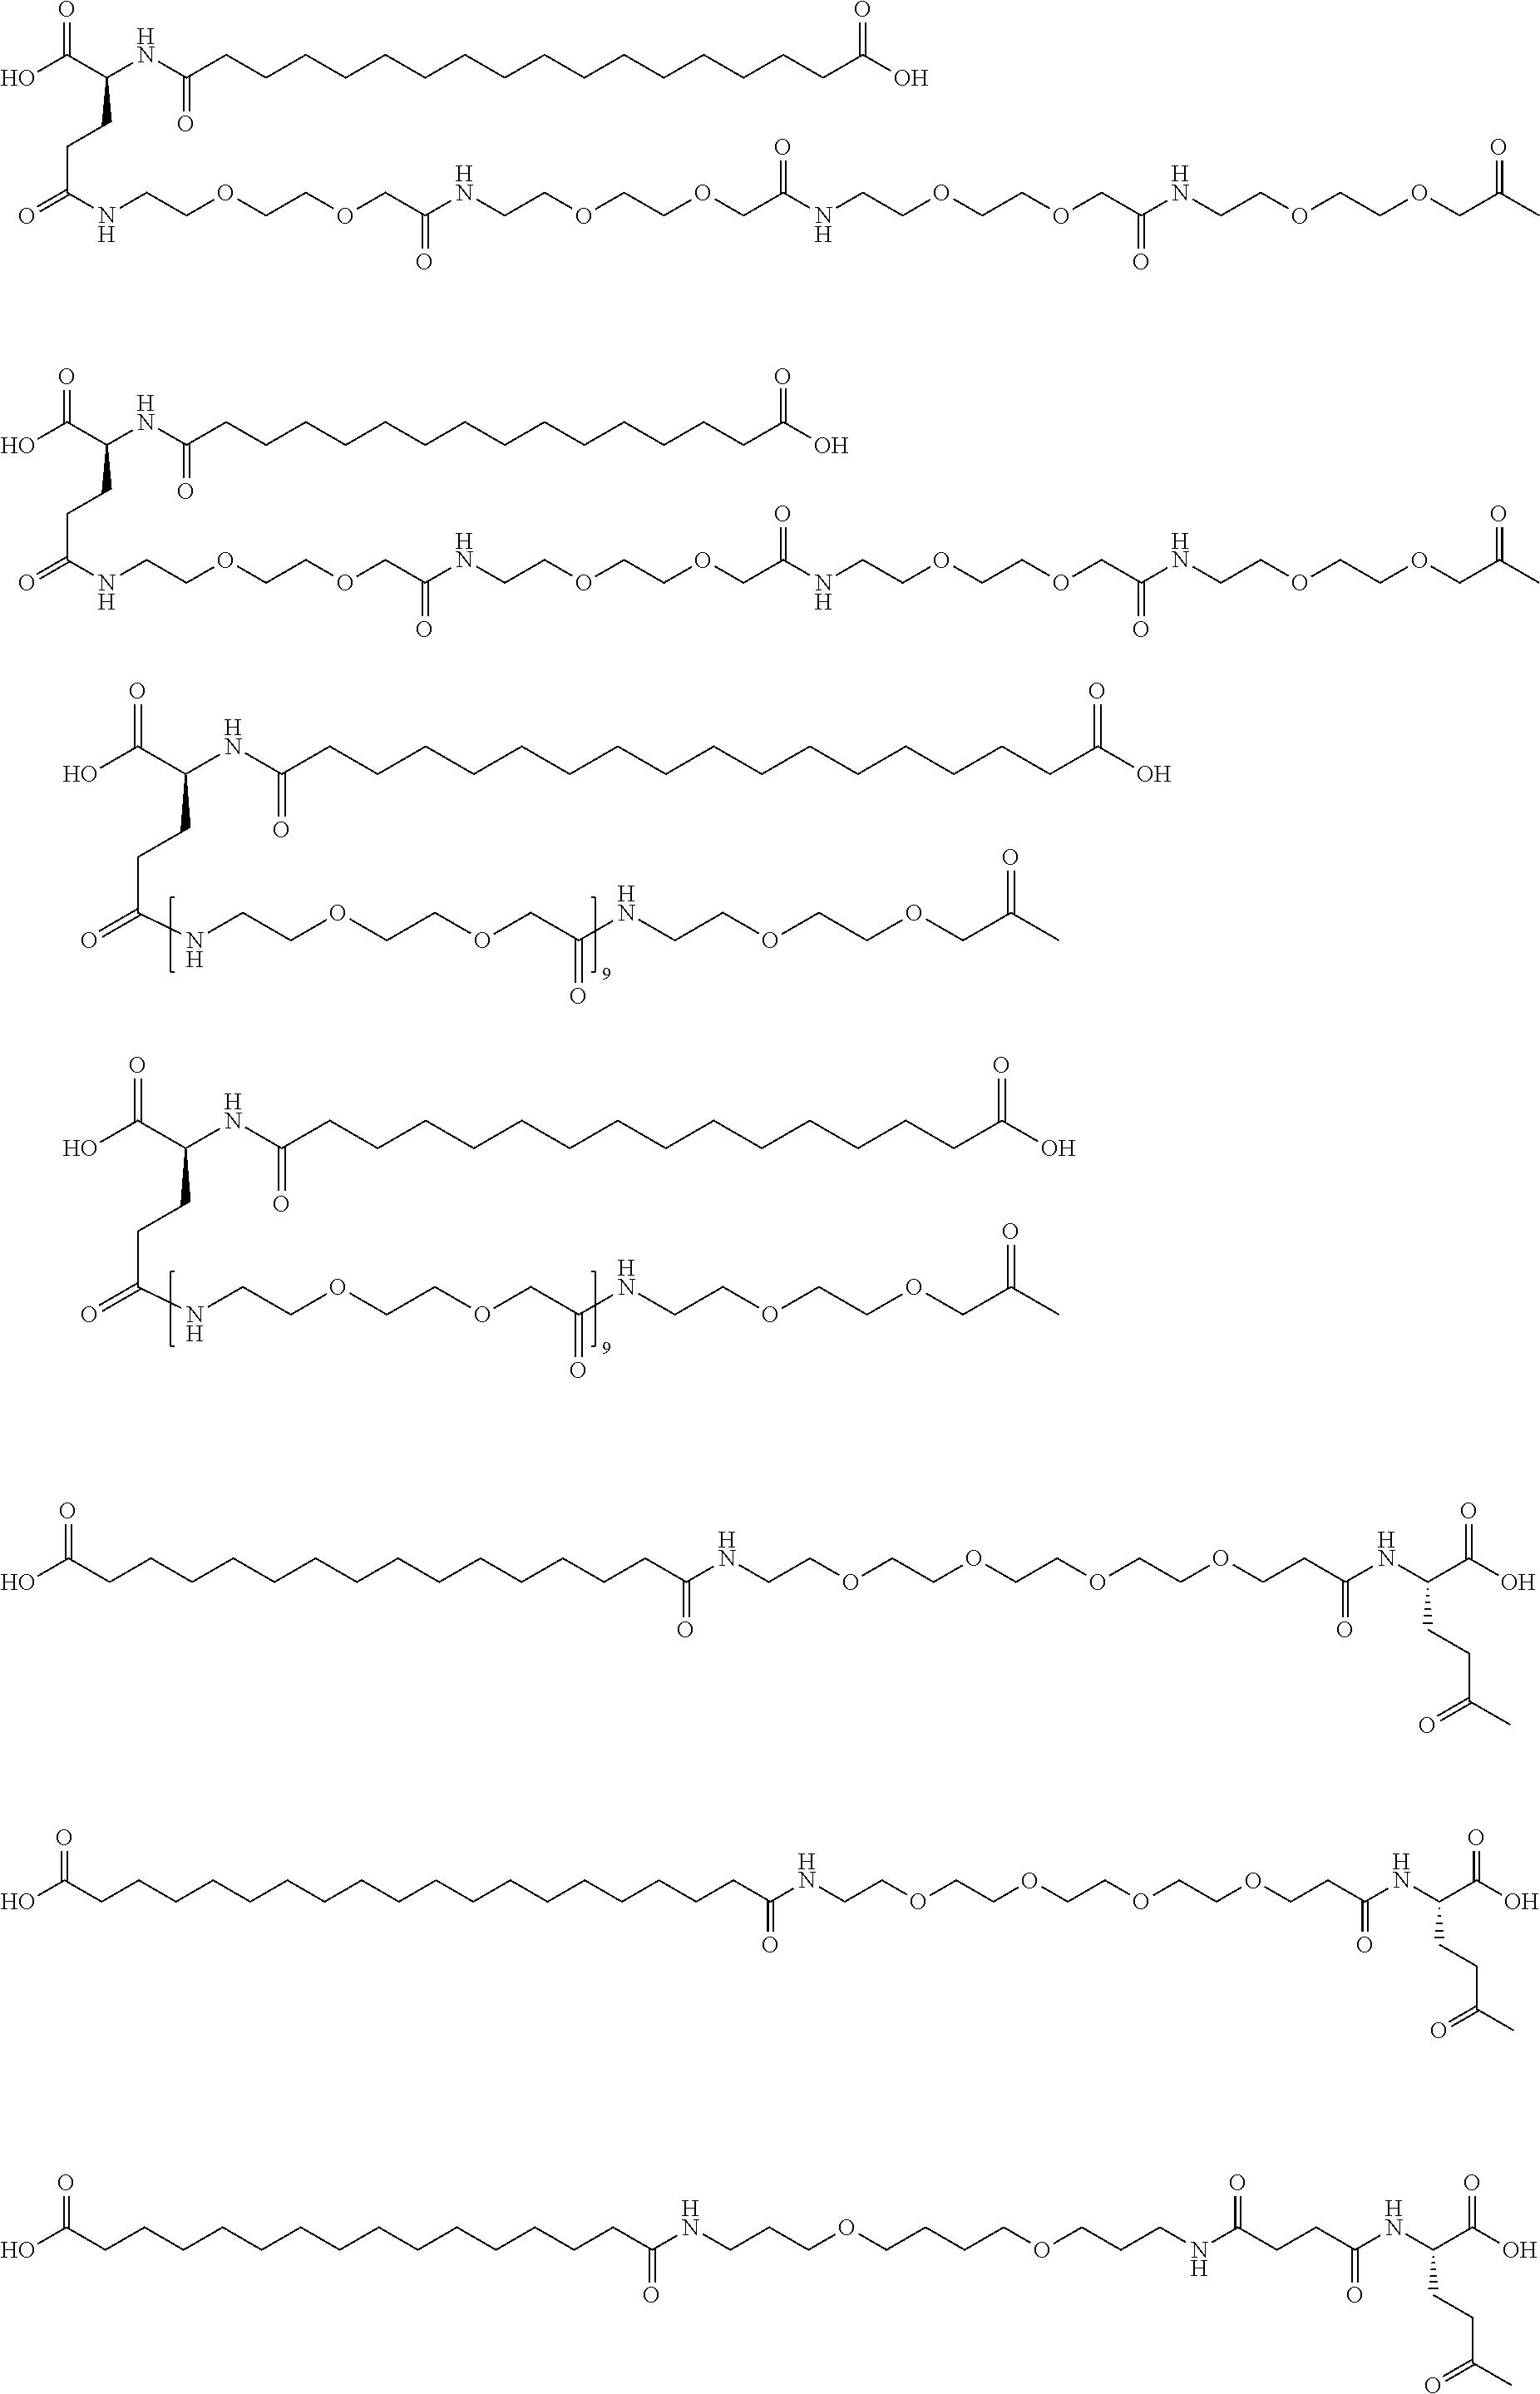 Figure US20180000742A1-20180104-C00009